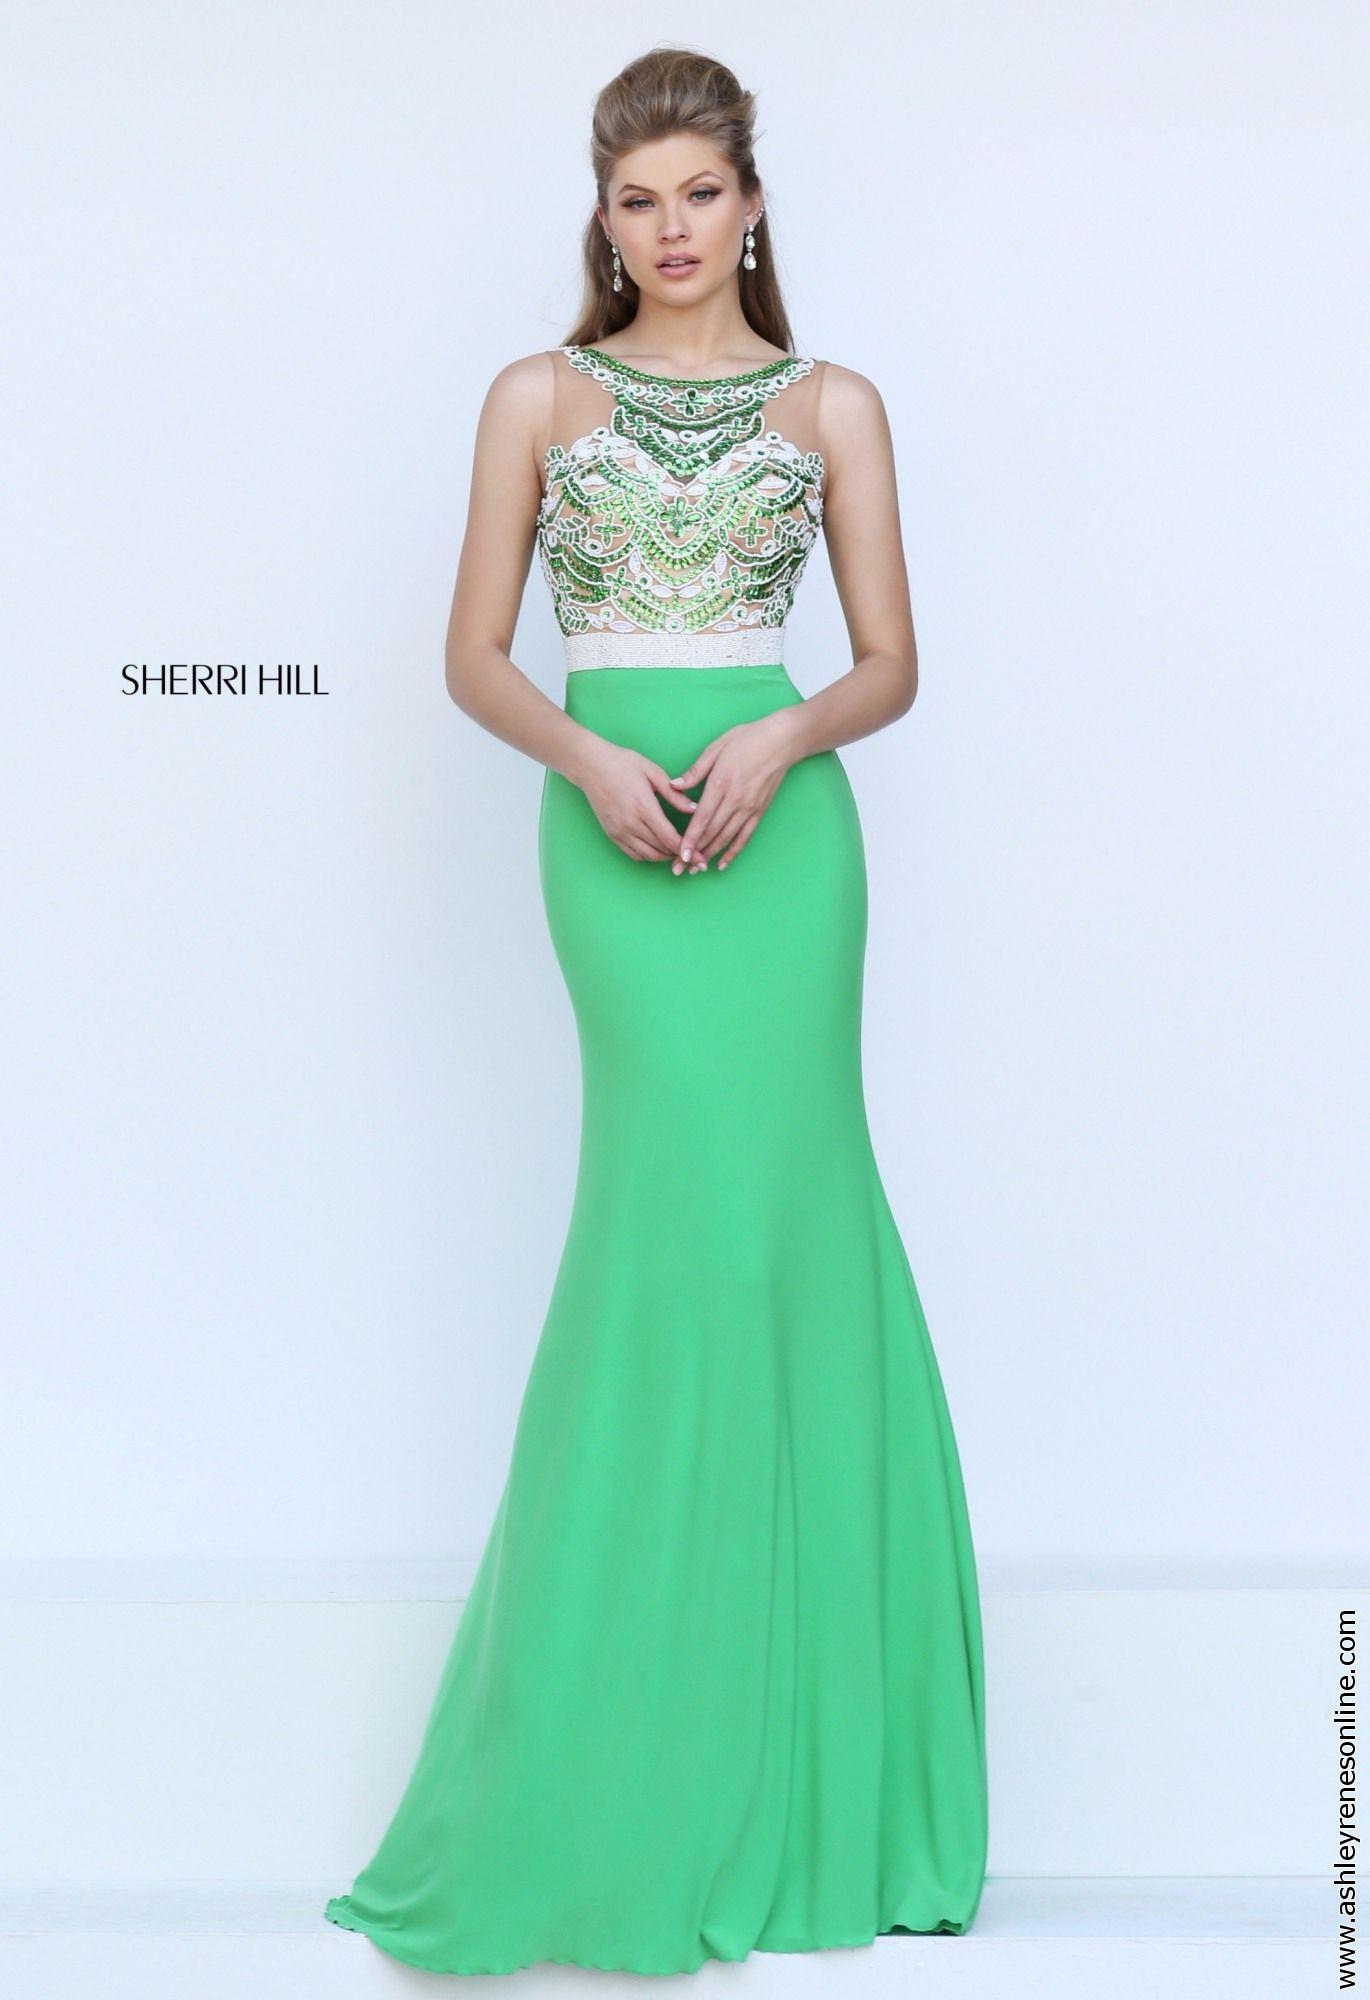 Sherri hill green prom dress prom gorgeous greens pinterest